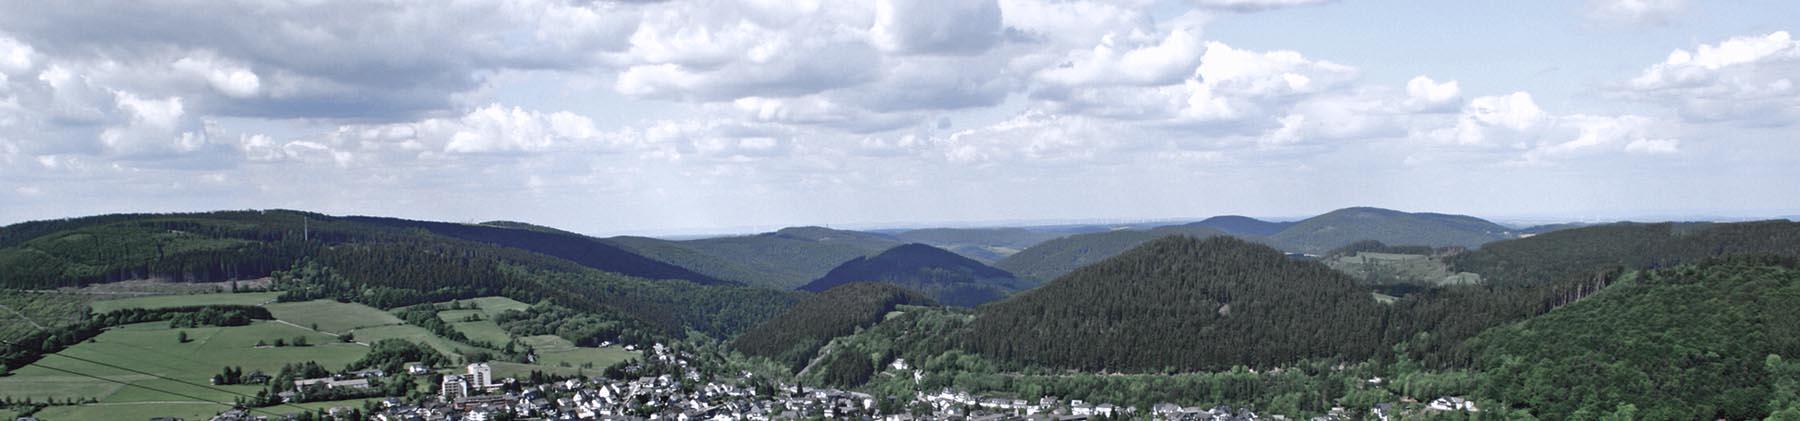 Lüdenscheid, Sauerland, Deutschland, Eloxal